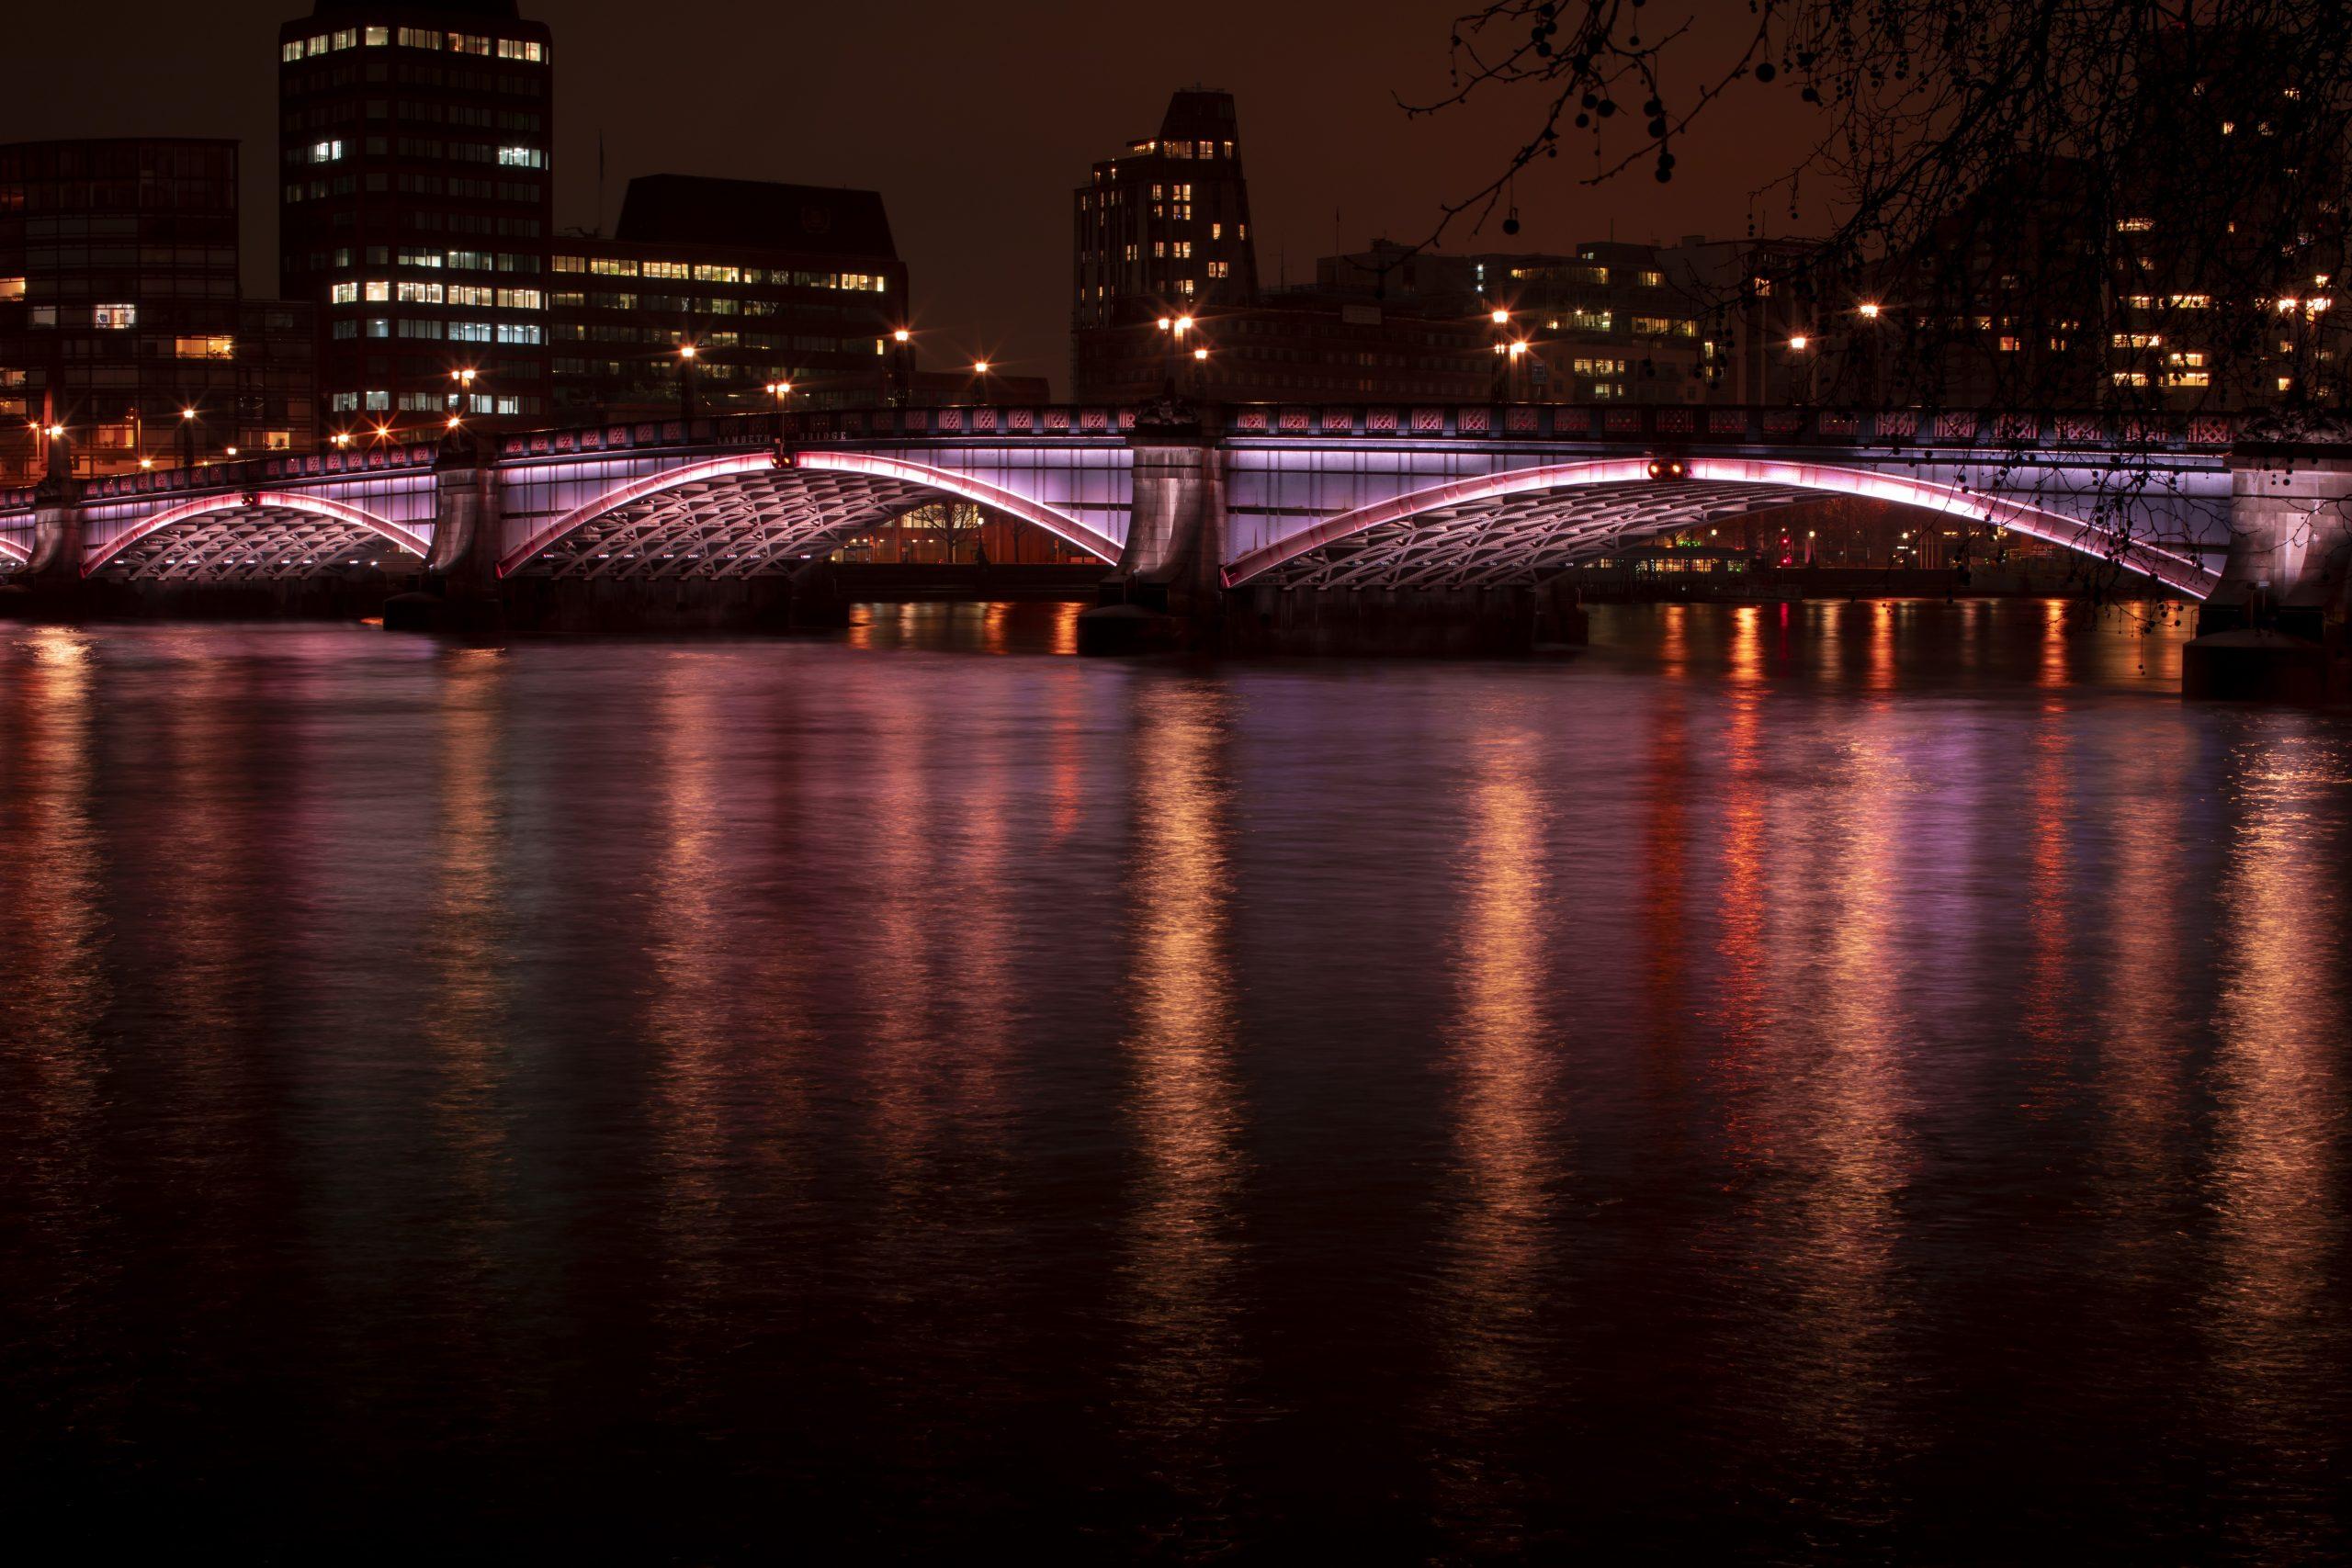 Lambeth-Bridge-Illuminated-River-©-Paul-Crawley-3